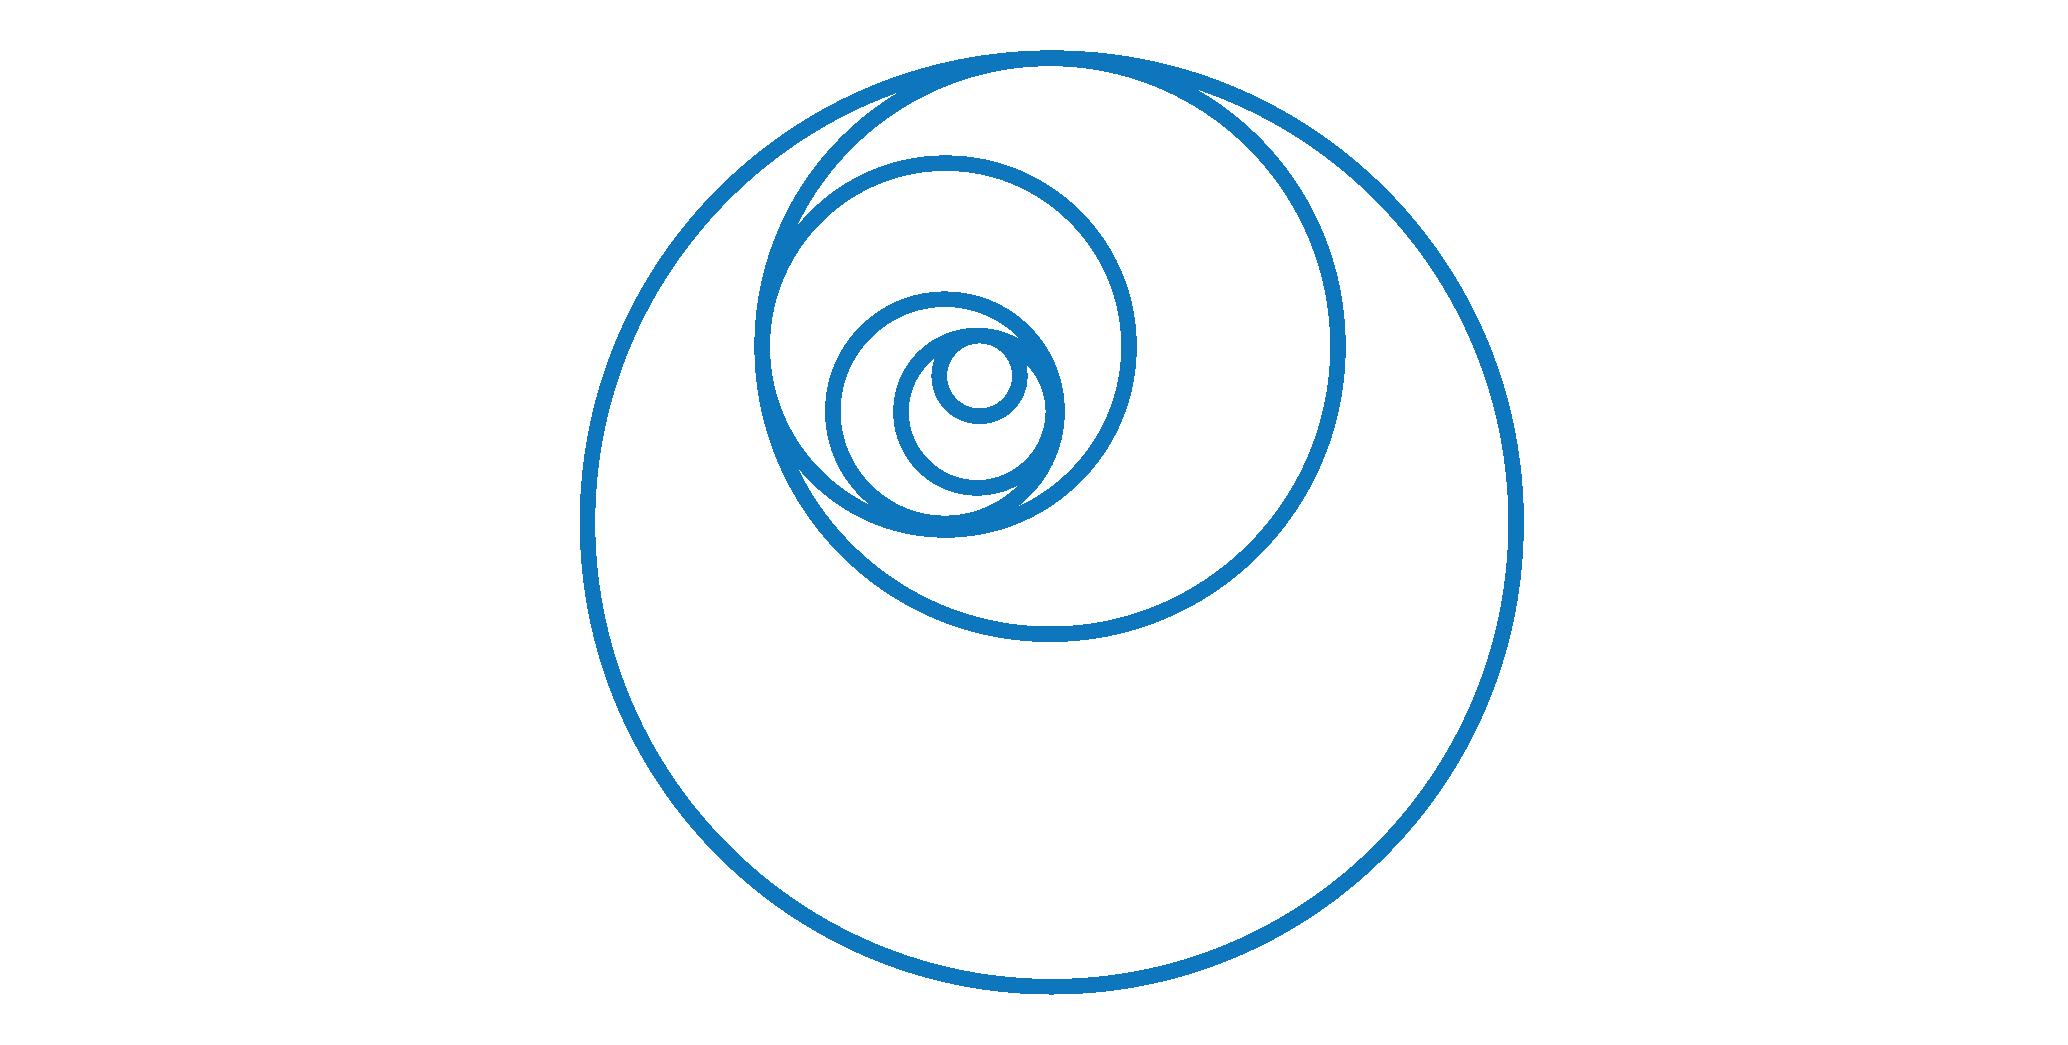 Q_SiteIcons_2.0_Design.png